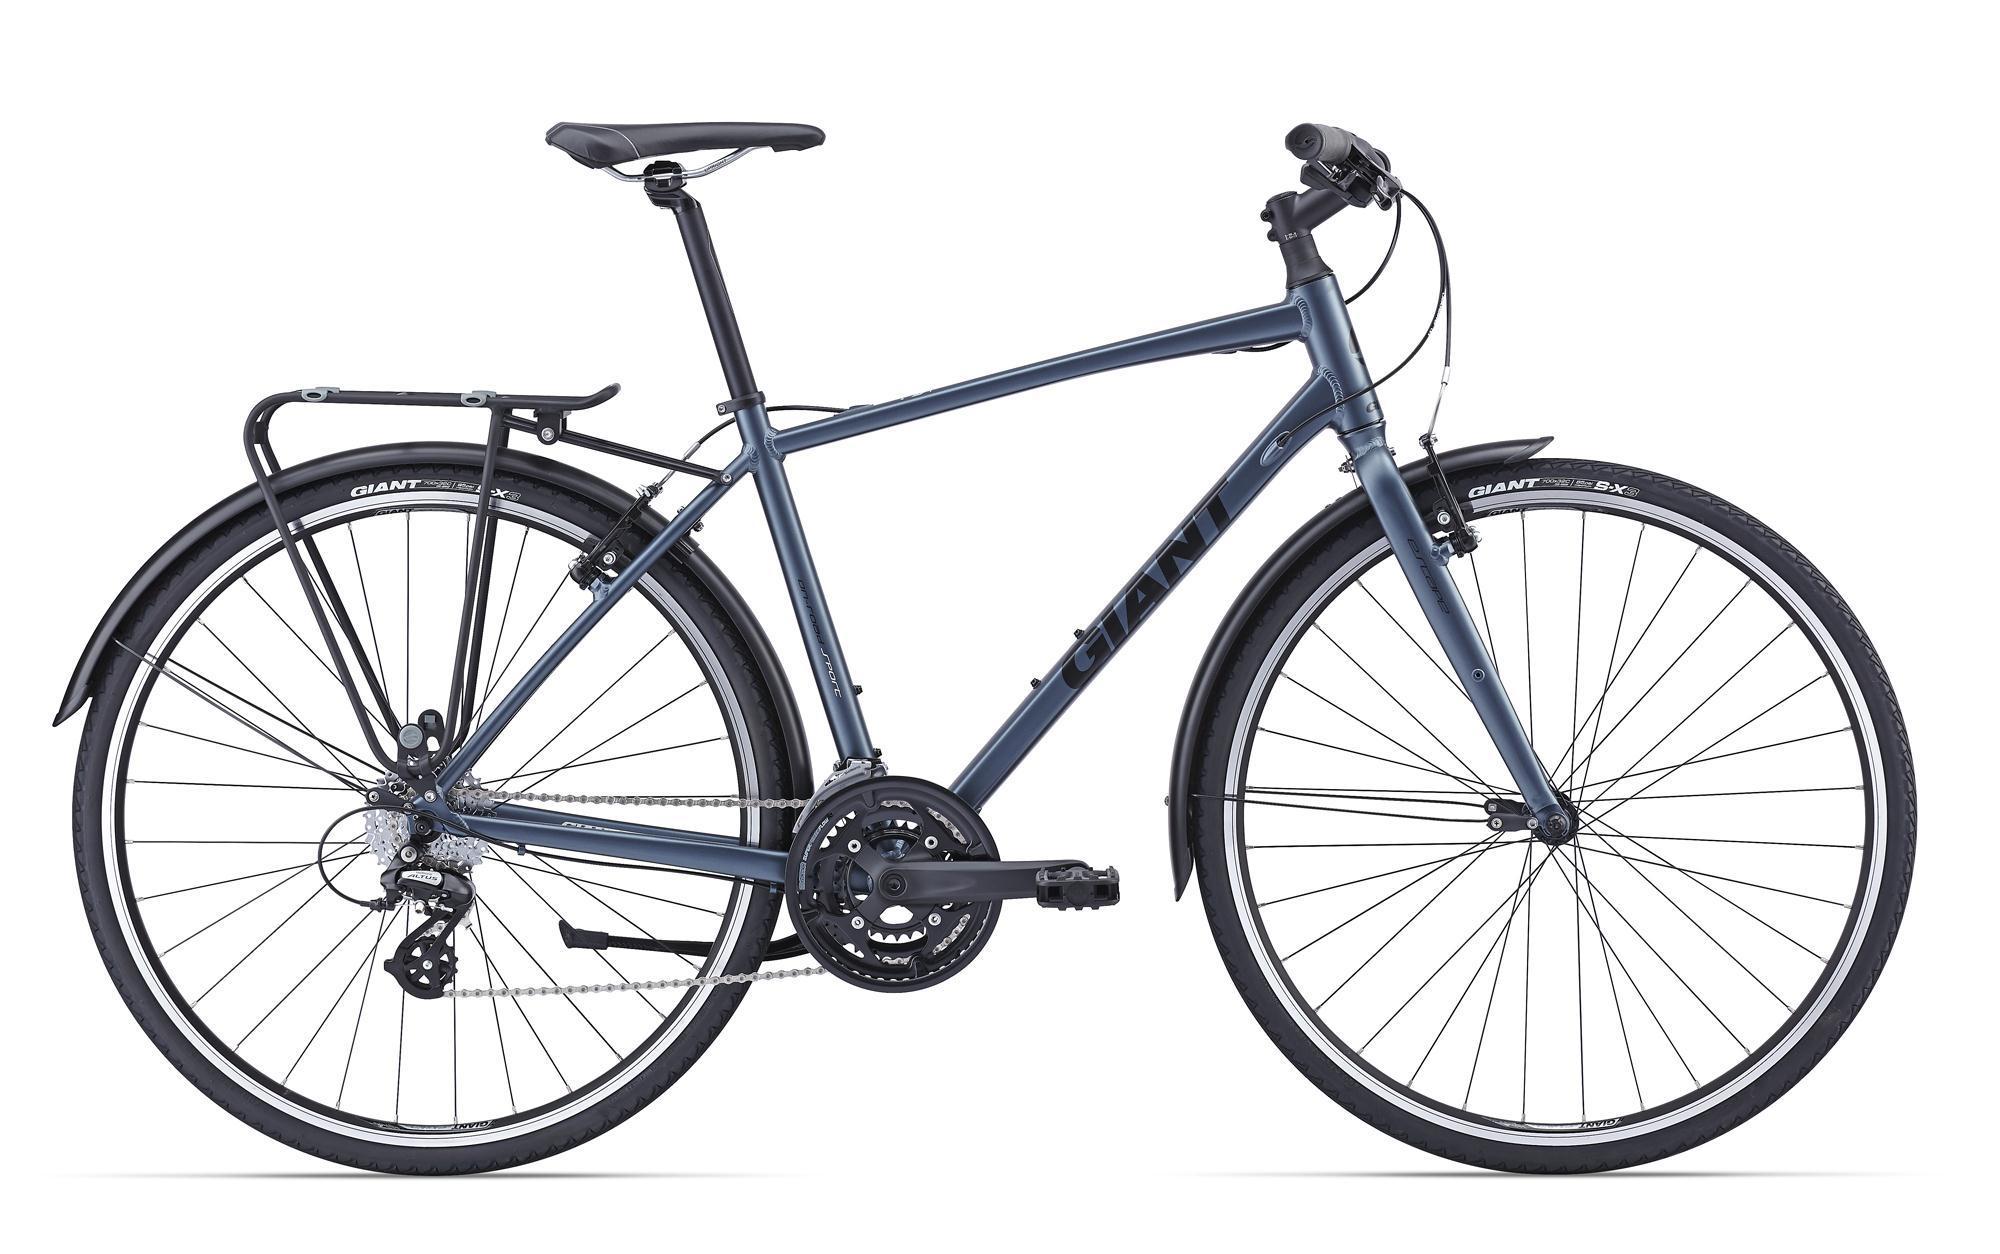 Giant Escape 2 City-WEST (2016)Городские<br>Это именно тот велосипед, который представляешь себе при слове «городской». Он мягко катится, легко разгоняется, удобен и очень практичен. Настоящий антистресс на все случаи жизни. Рама из алюминия ALUXX имеет низкий вес и завидную прочность, 24 скорости – более чем достаточно для любого городского рельефа, на больших колесах 700с стоят шины с защитой от проколов – во избежание мелких неприятностей. В комплекте много приятных дополнений – вместительный багажник позволит с легкостью разместить на нем мешающие вещи, а полноразмерные крылья не только защищают от брызг и грязи, но и добавляют Escape 2 City-West особого шарма.<br>